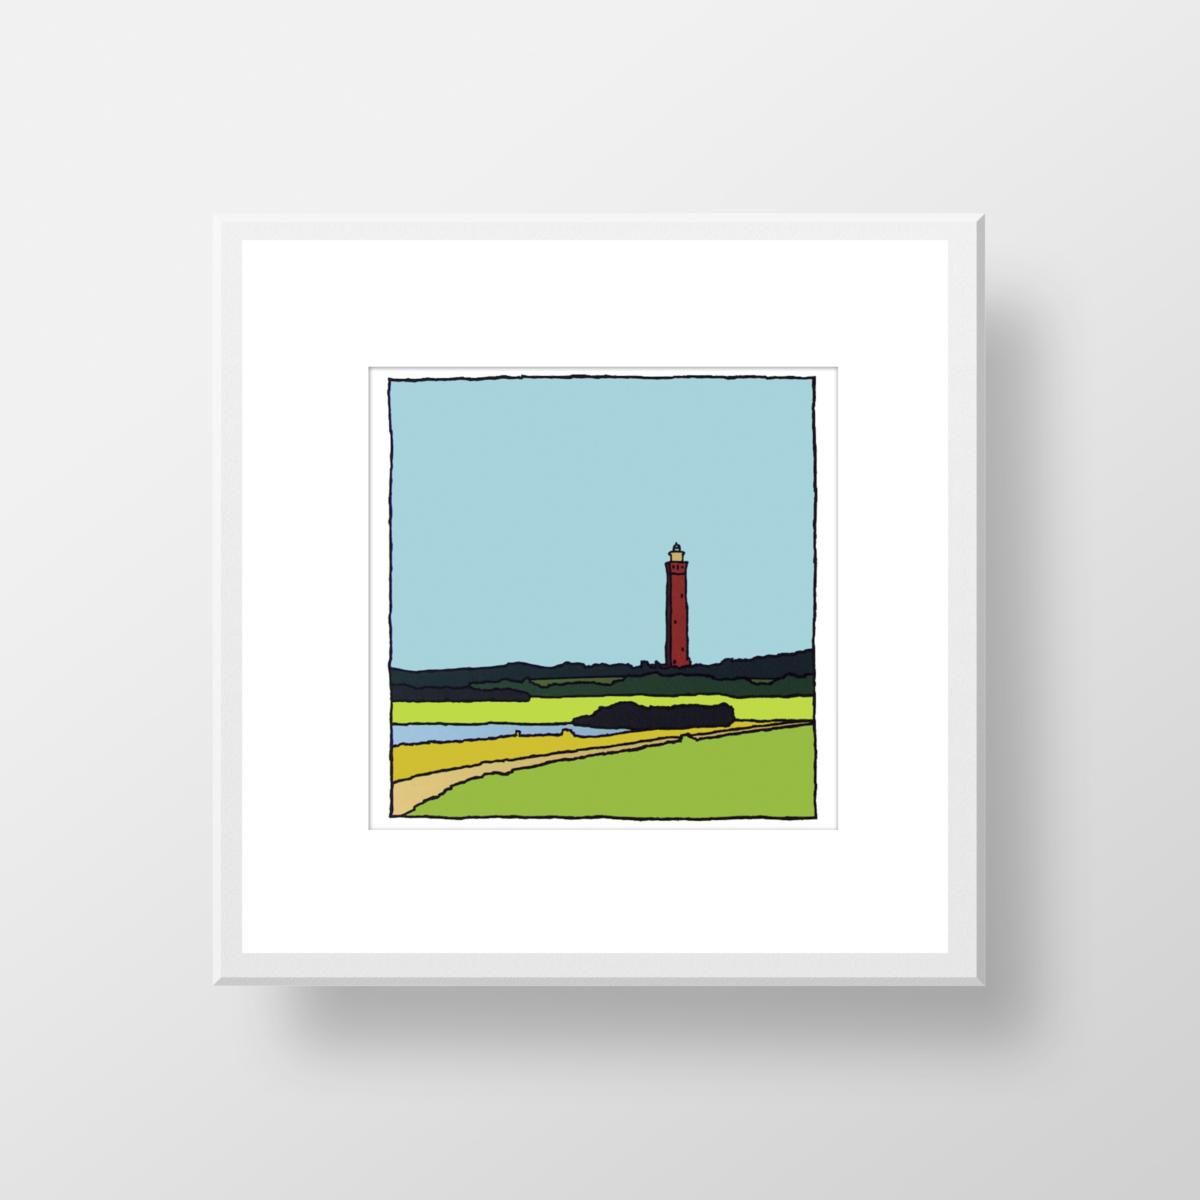 De vuurtoren van Ouddorp in de zomer, een zeefdruk in lijst gemaakt door kunstenaar Wim van Willegen.